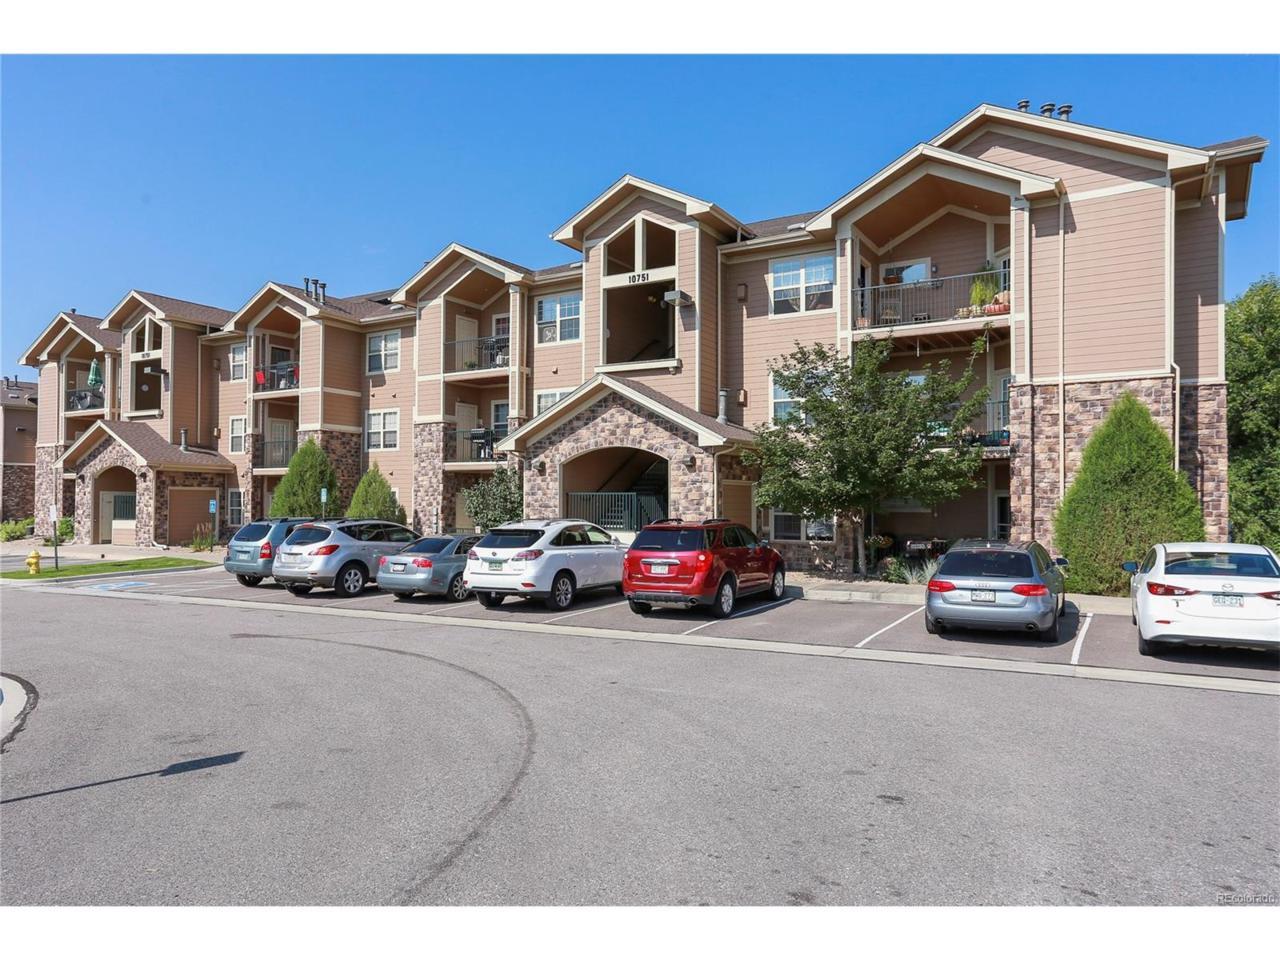 10751 S Twenty Mile Road #106, Parker, CO 80134 (MLS #7627043) :: 8z Real Estate